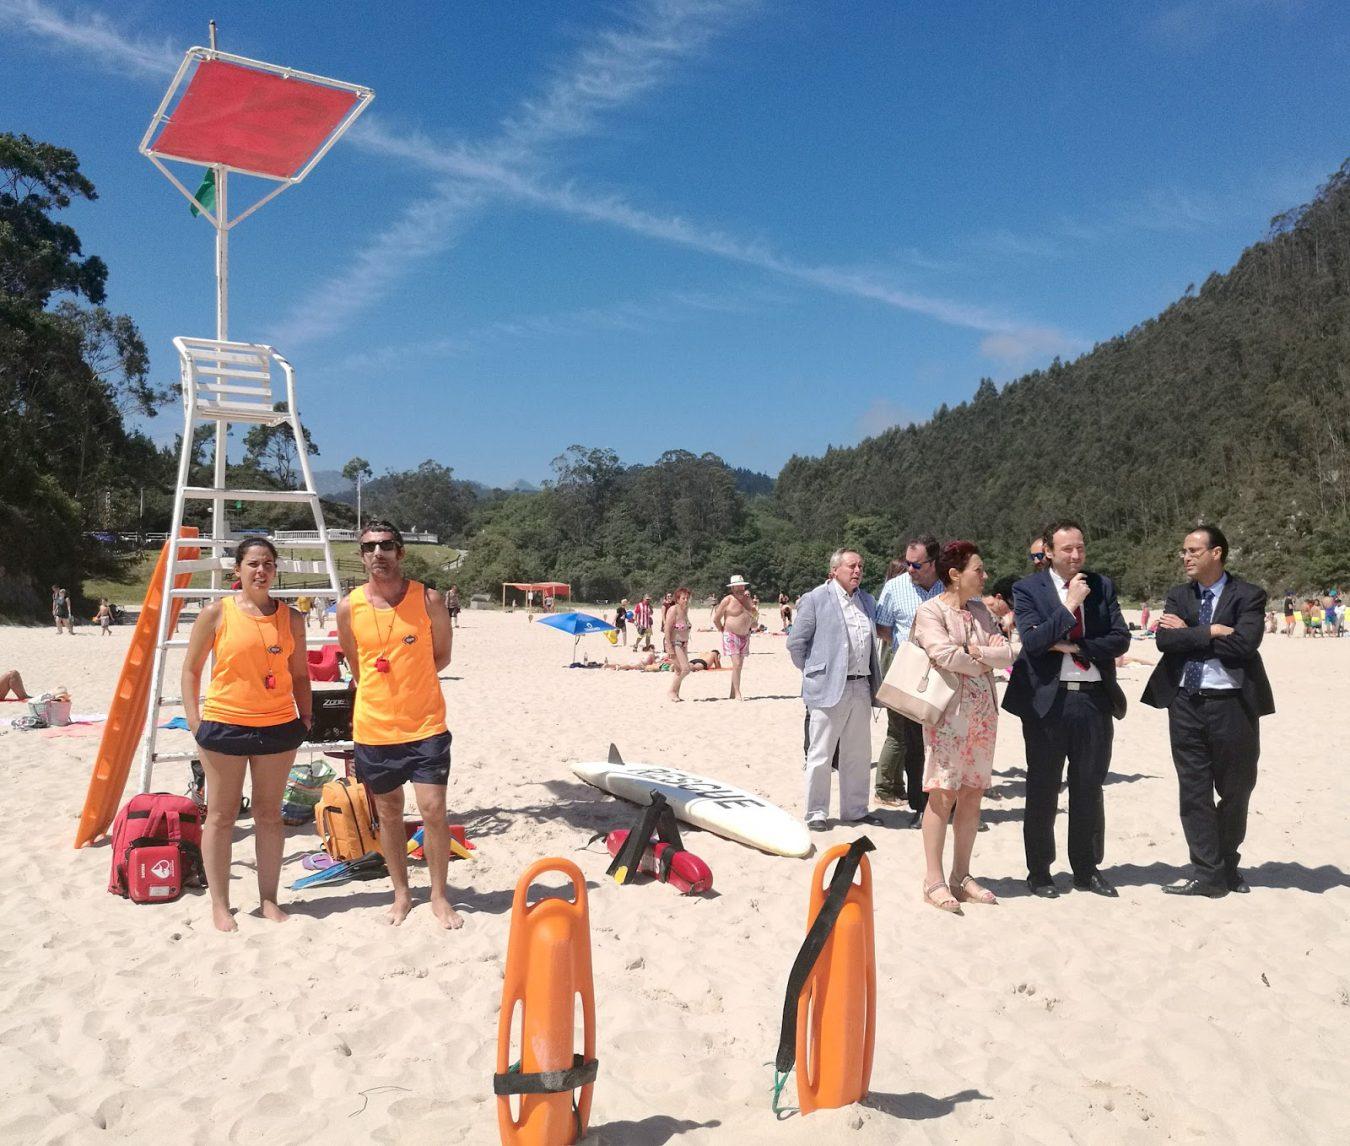 La nueva ordenanza de playas de Ribadedeva no permitirá ni perros ni nudistas